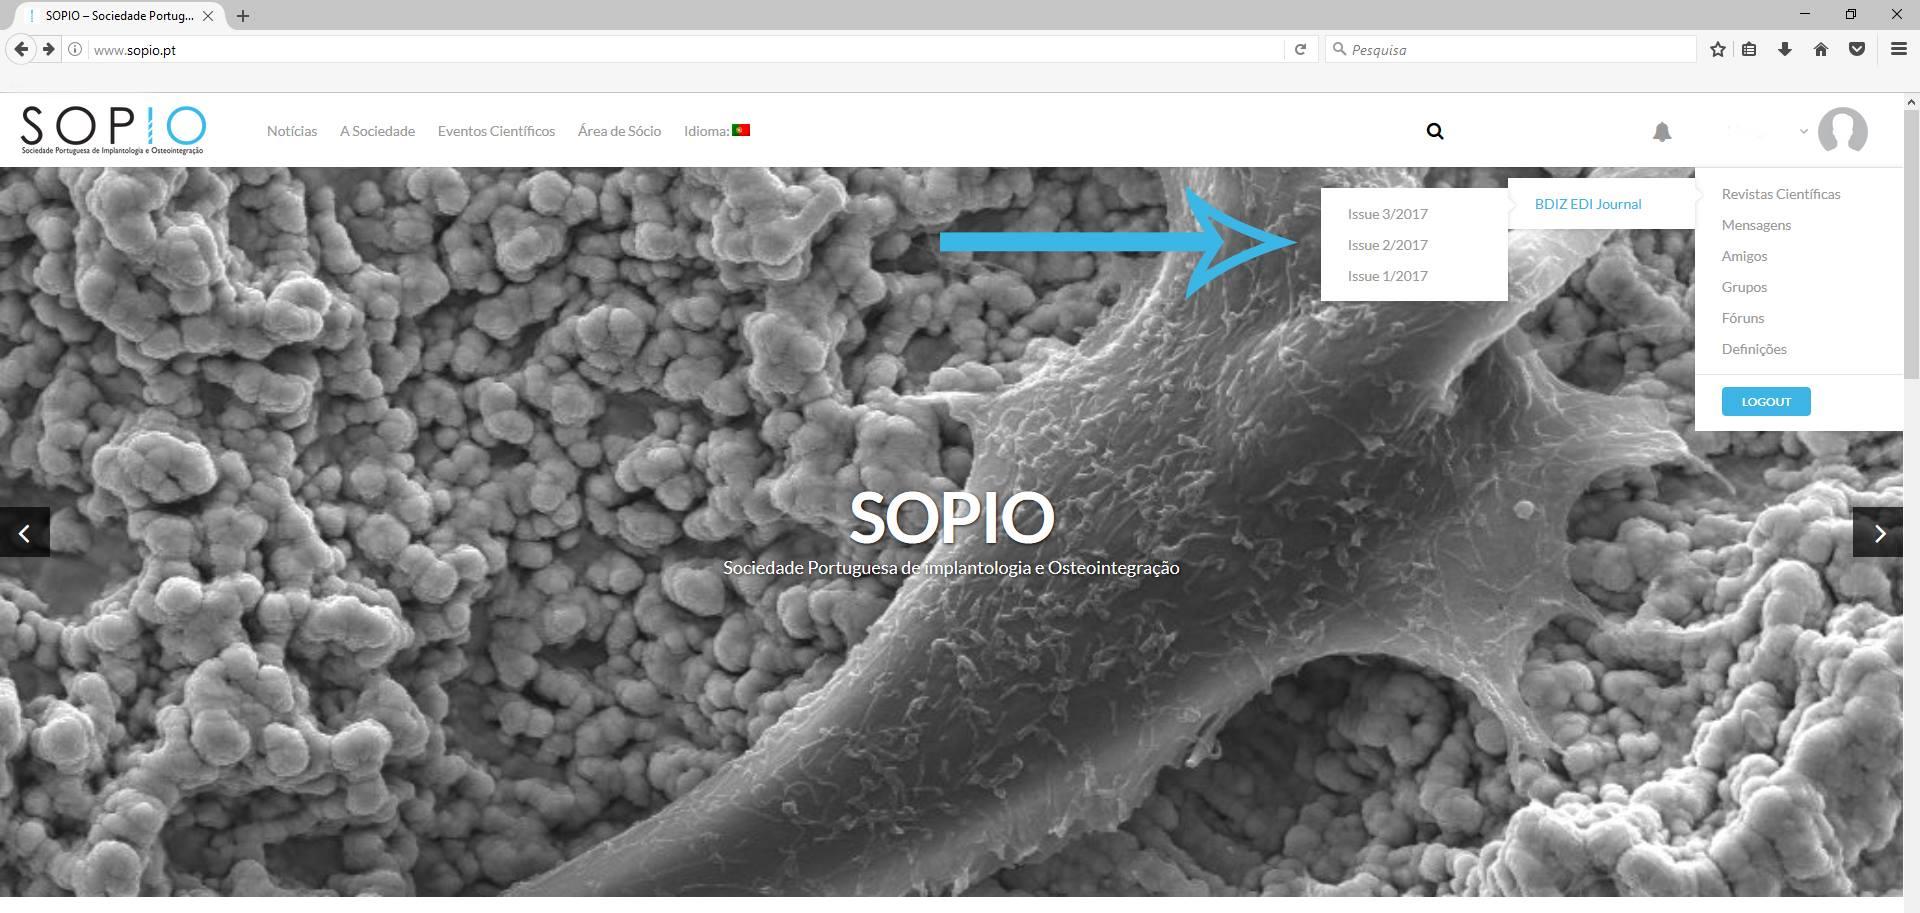 Imagem da notícia: EJOI é agora a revista científica oficial da SOPIO